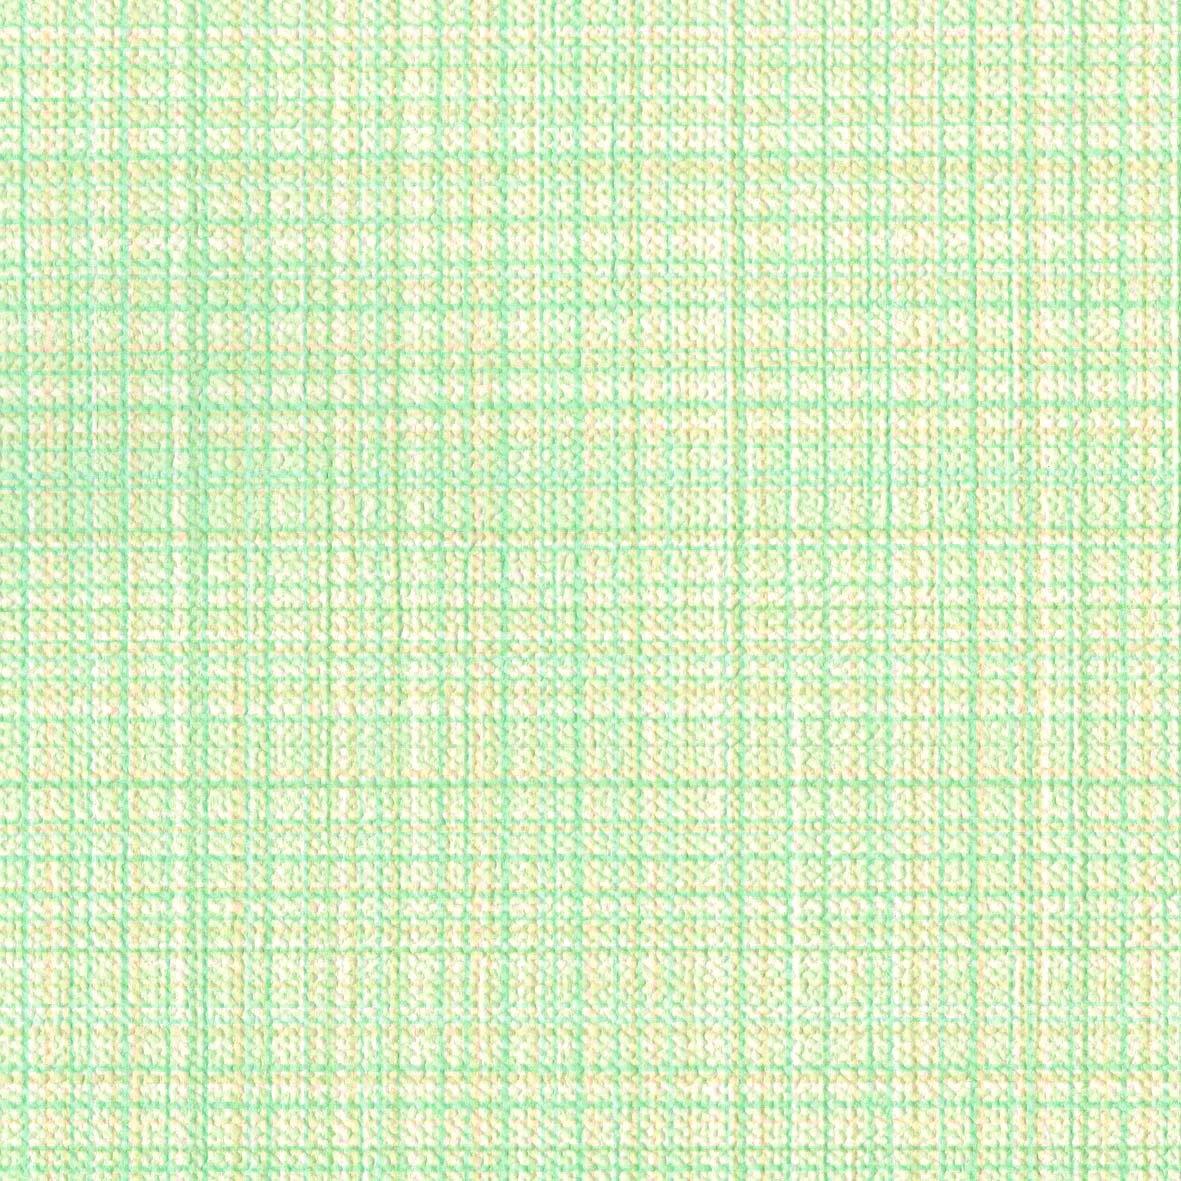 リリカラ 壁紙39m ナチュラル チェック グリーン LL-8375 B01N3WC4NG 39m|グリーン